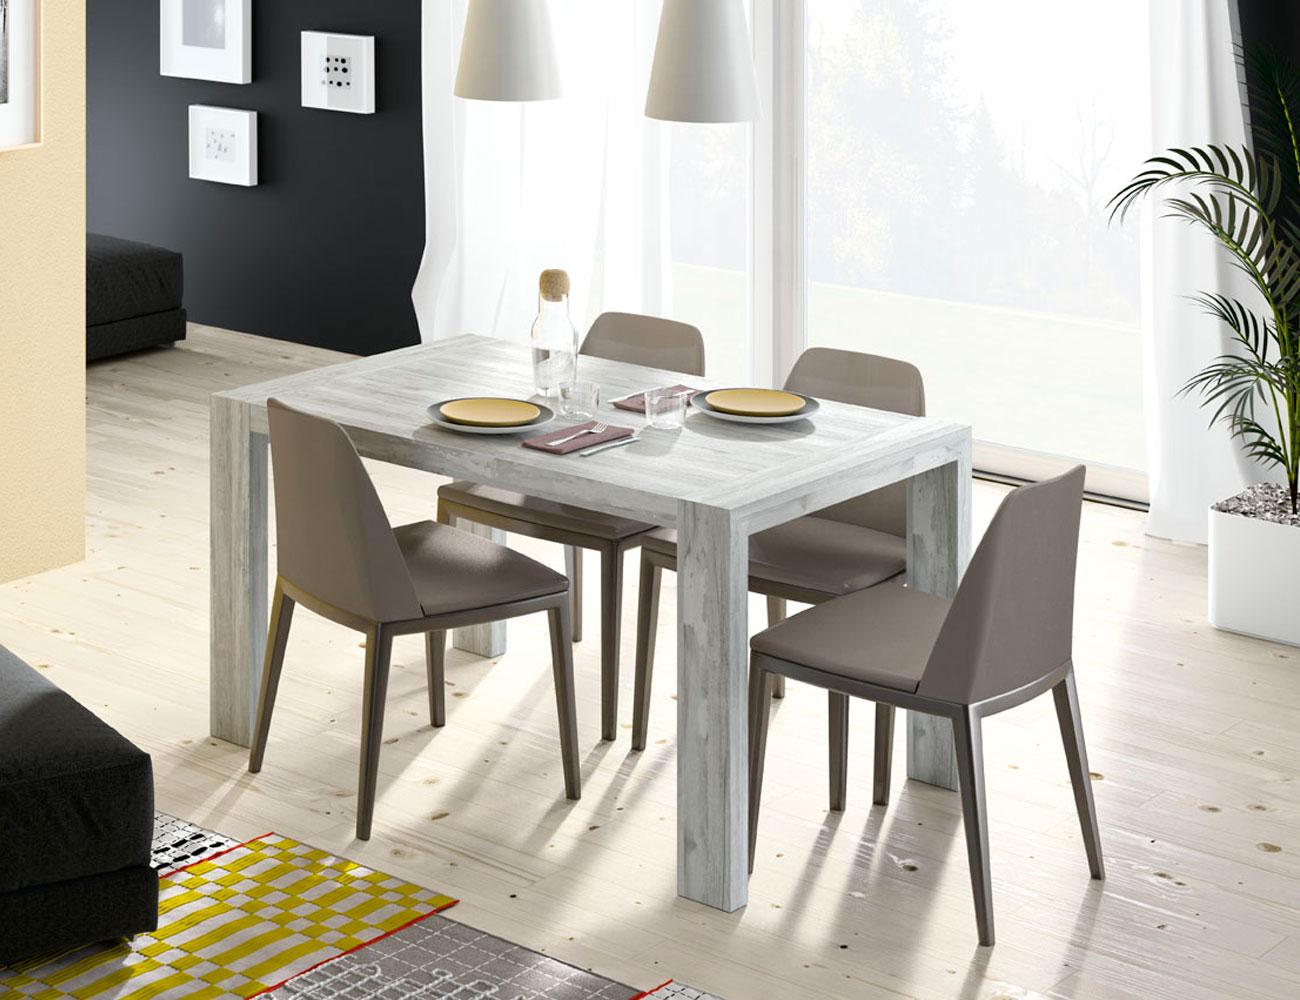 173 mesa rectangular pata deslizante artic2